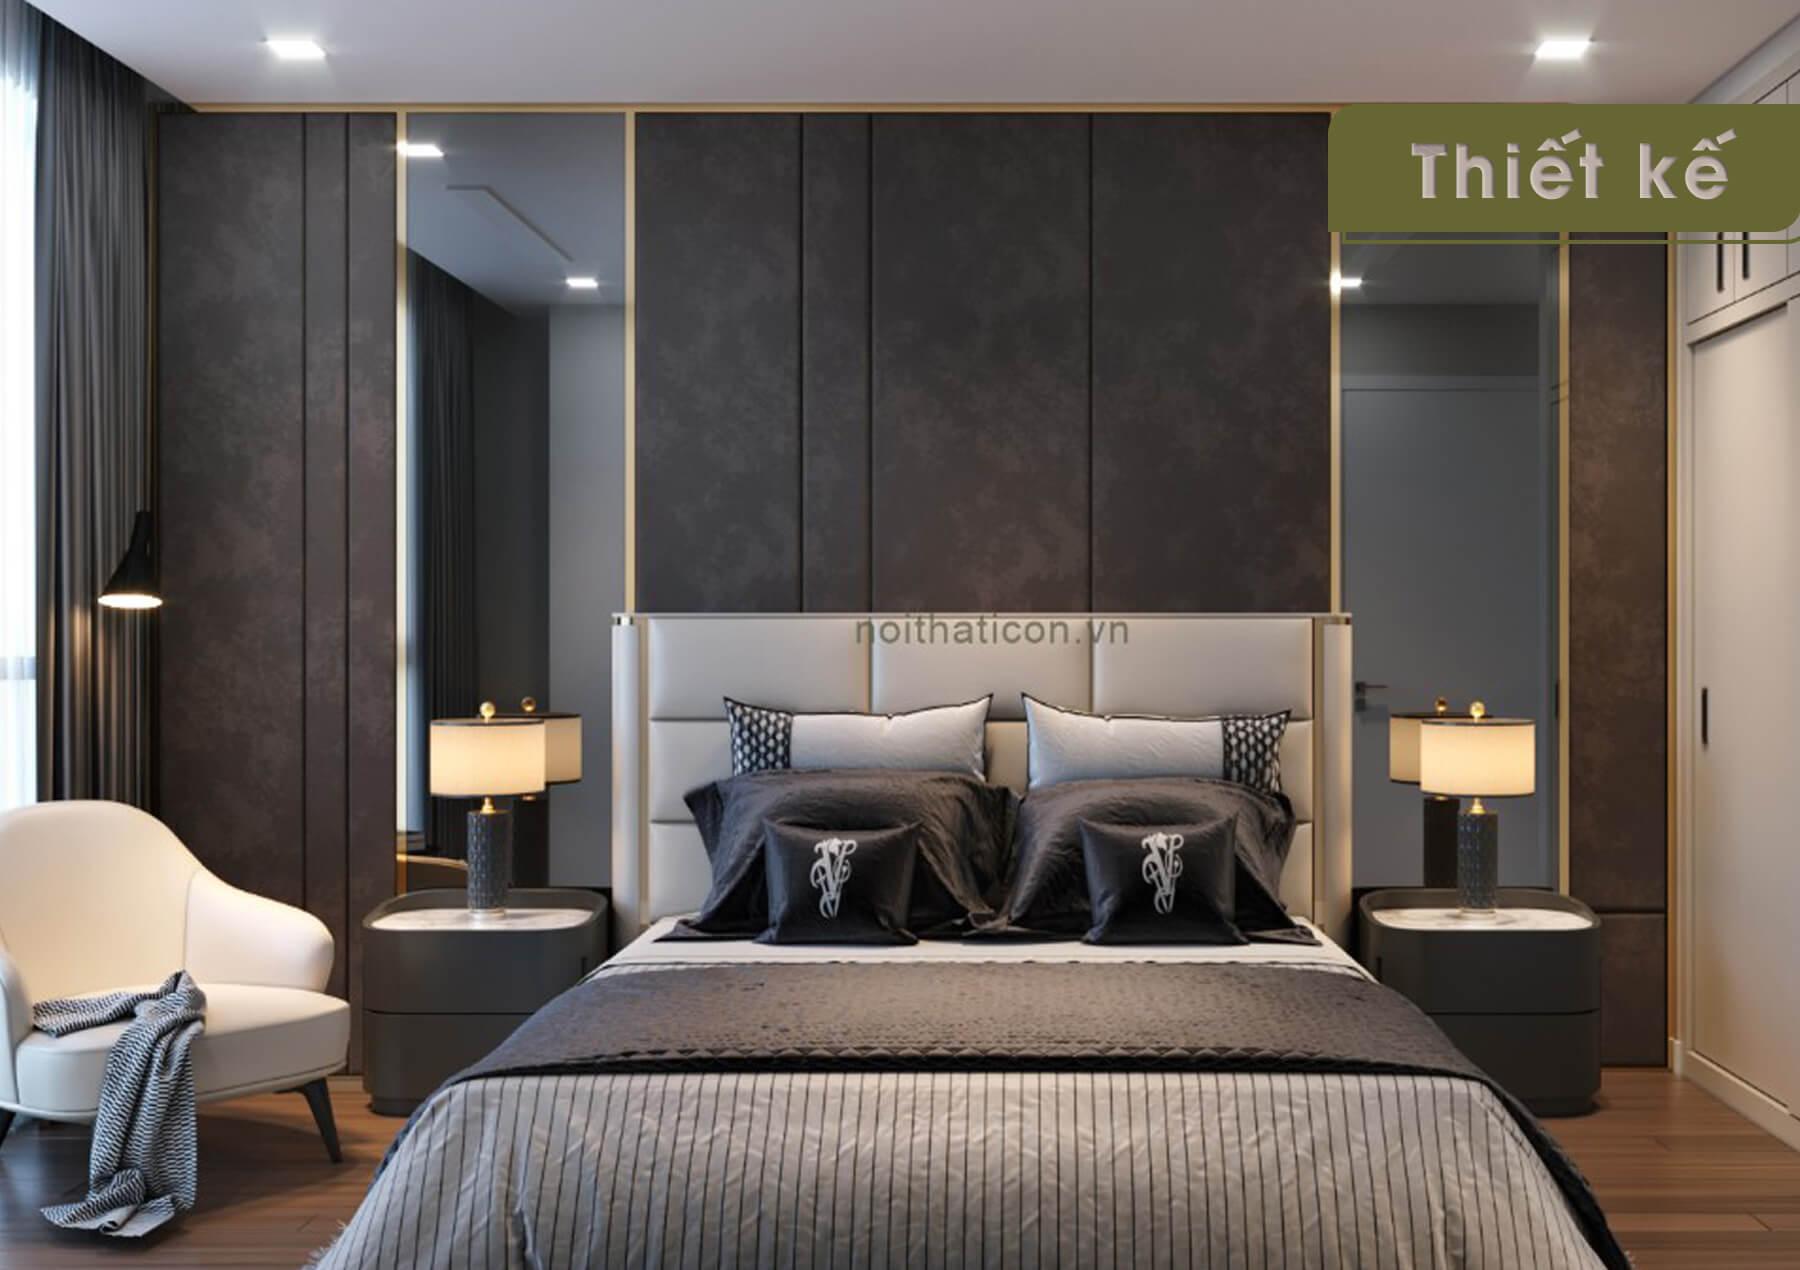 Thiết kế nội thất 3D Landmark 4 - phòng ngủ